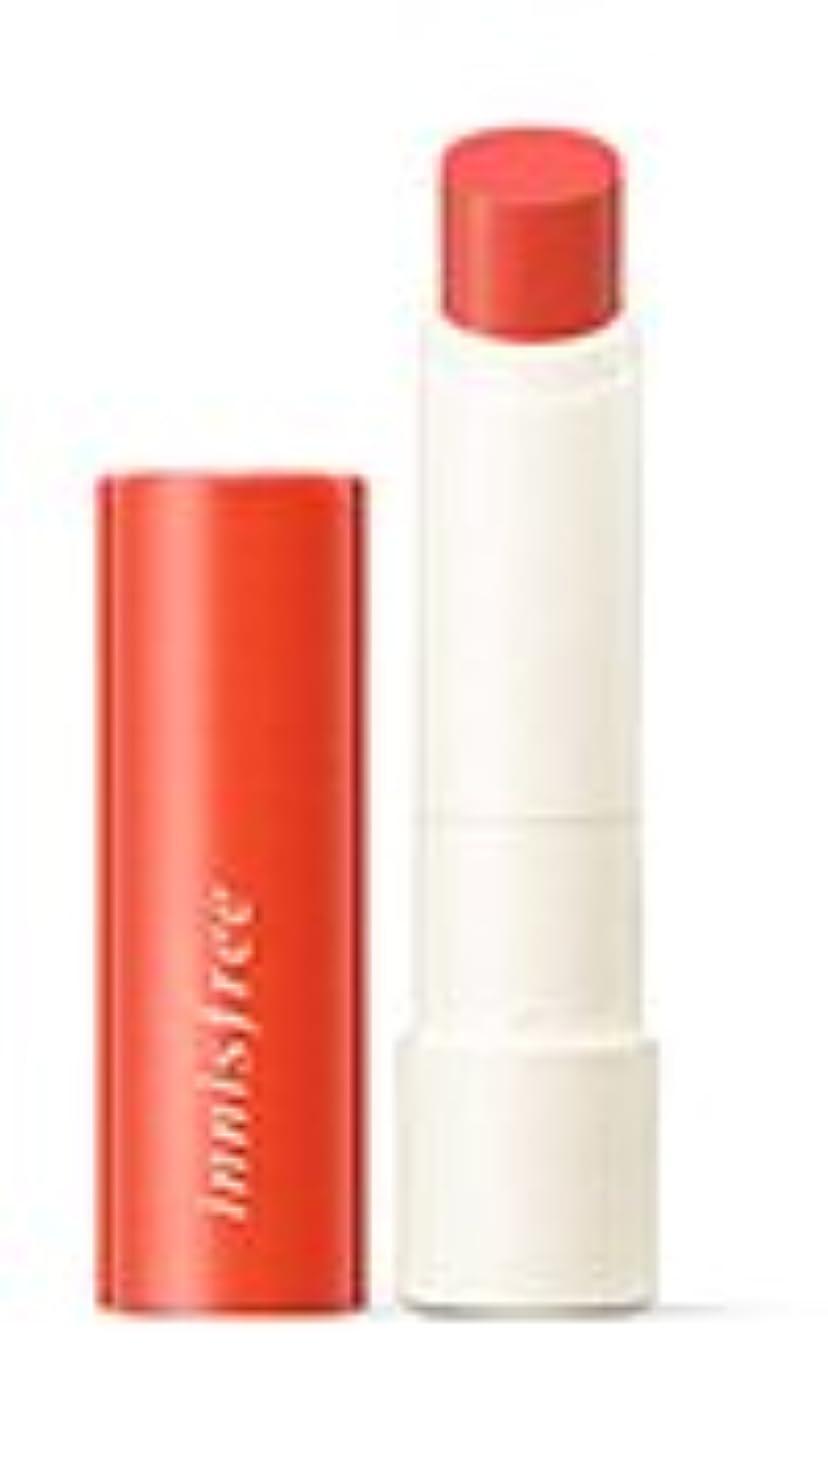 独立対誘導[innisfree] Glow tint lip balm 3.5g/[イニスフリー]グローティントリップバム3.5g (#3 ホウセンカ) [並行輸入品]